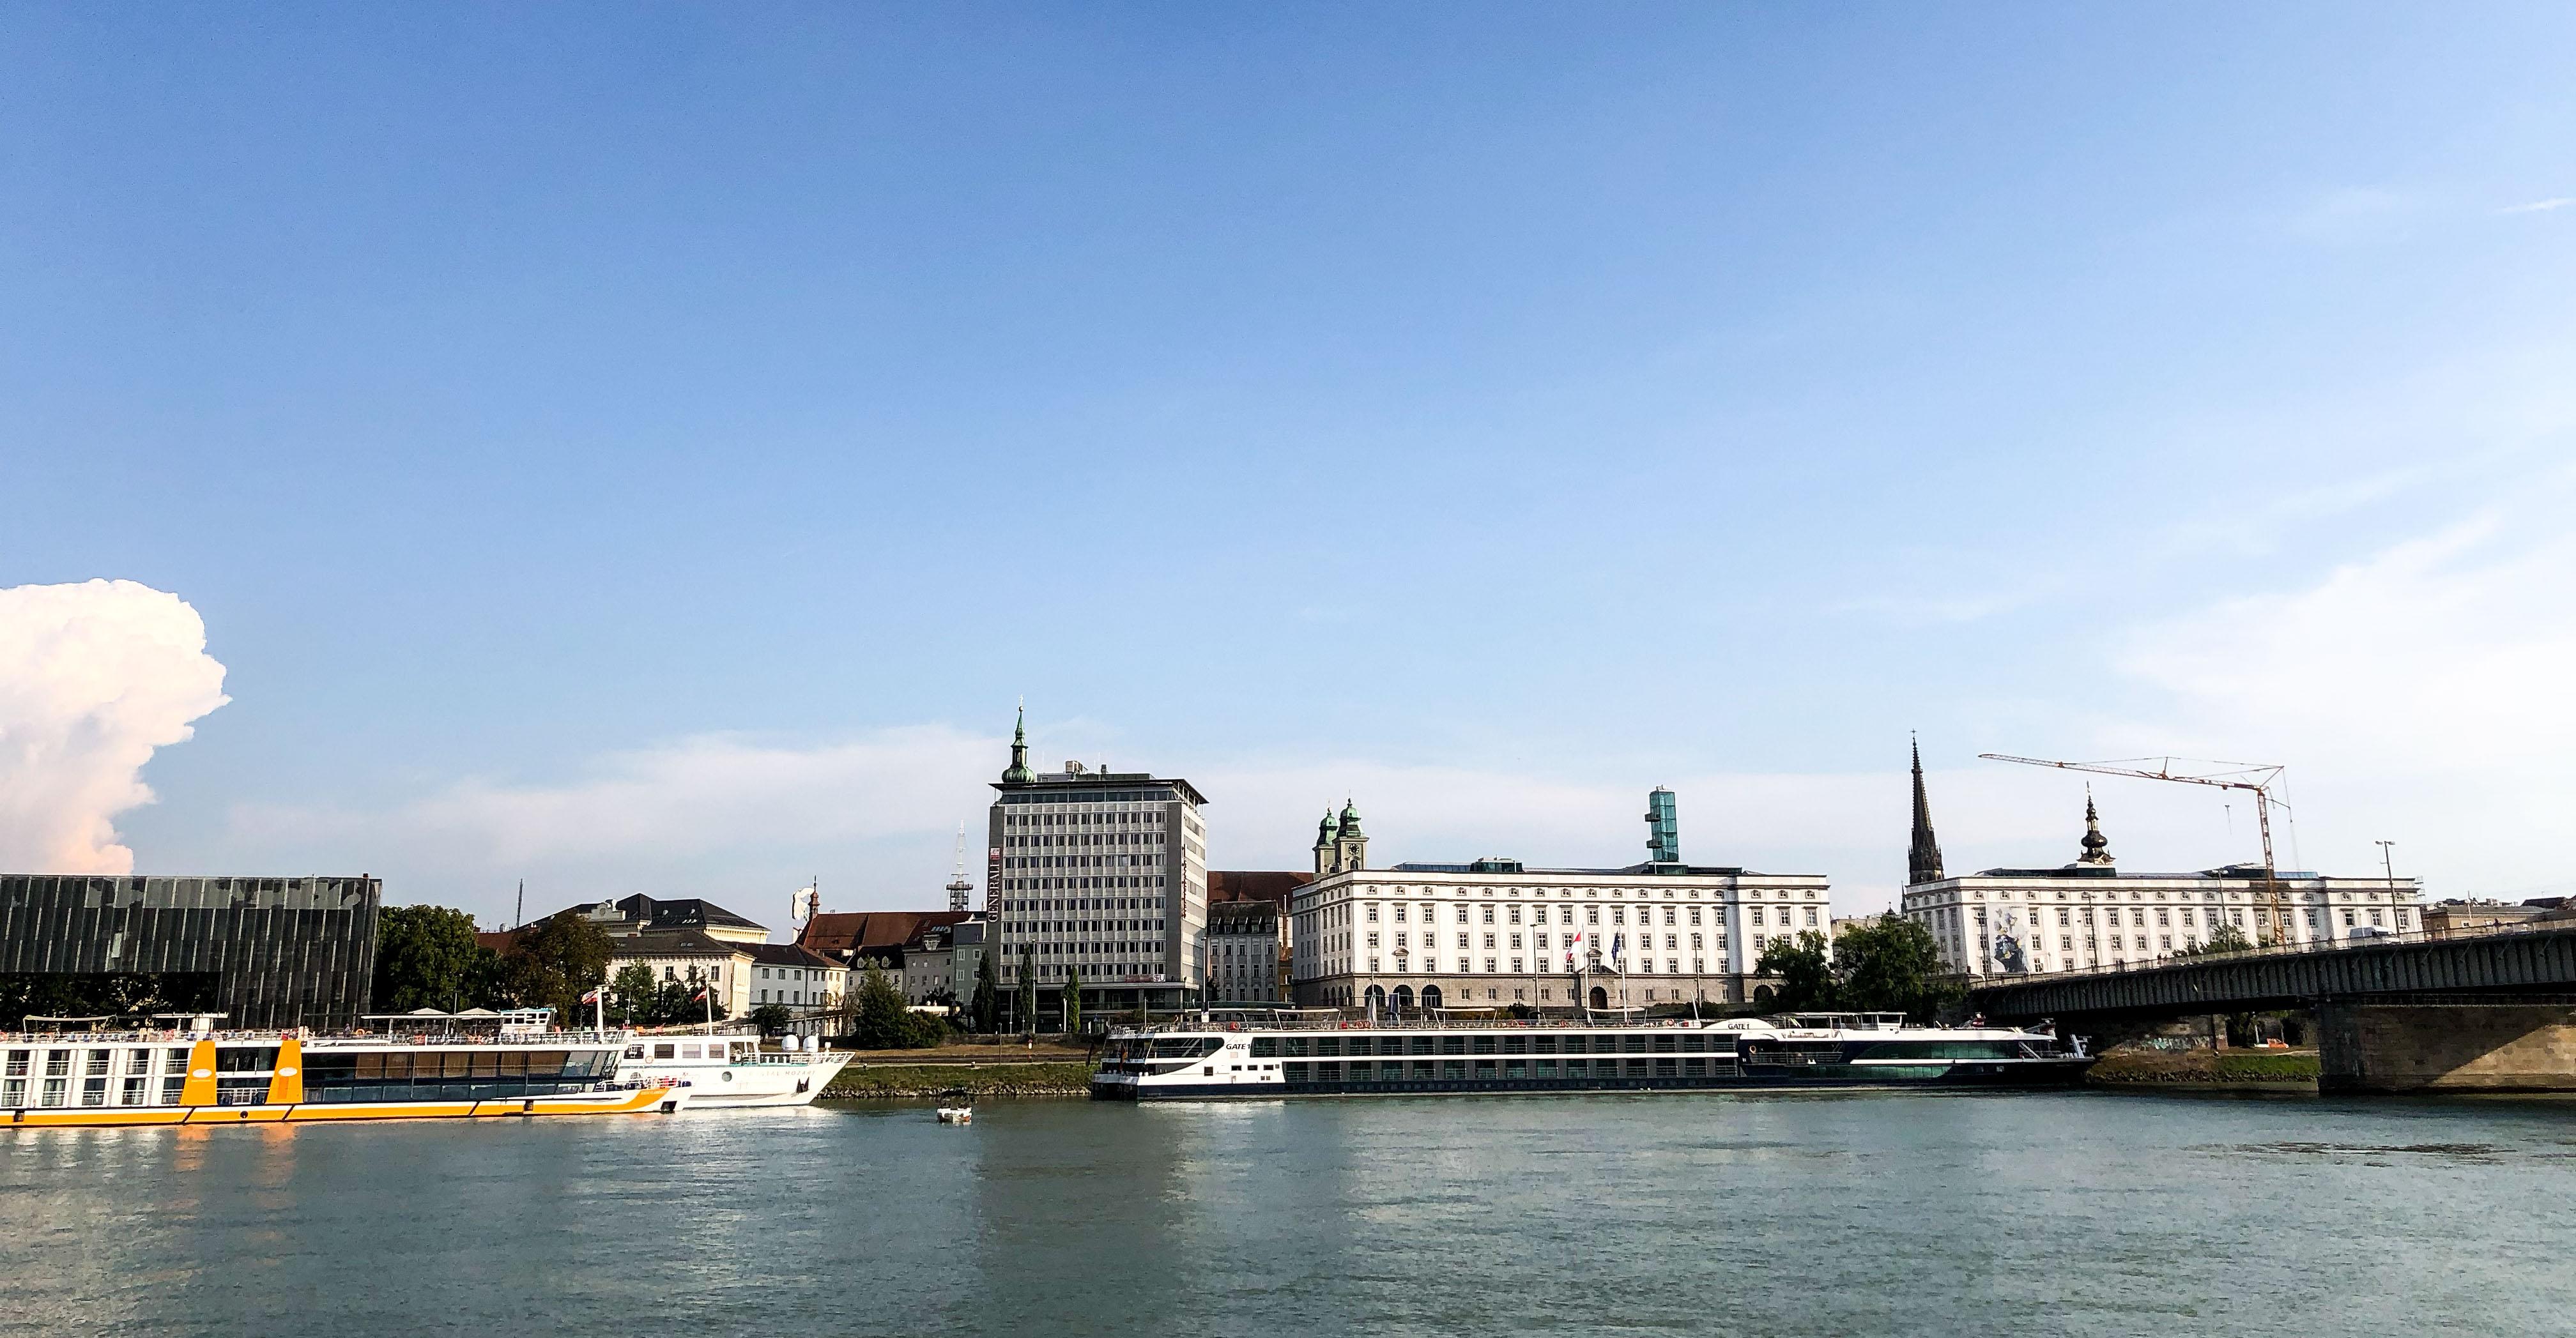 Linz Österreich Insider Tipps Sehenswürdigkeiten Donaukreuzfahrt Arosa Reiseblog